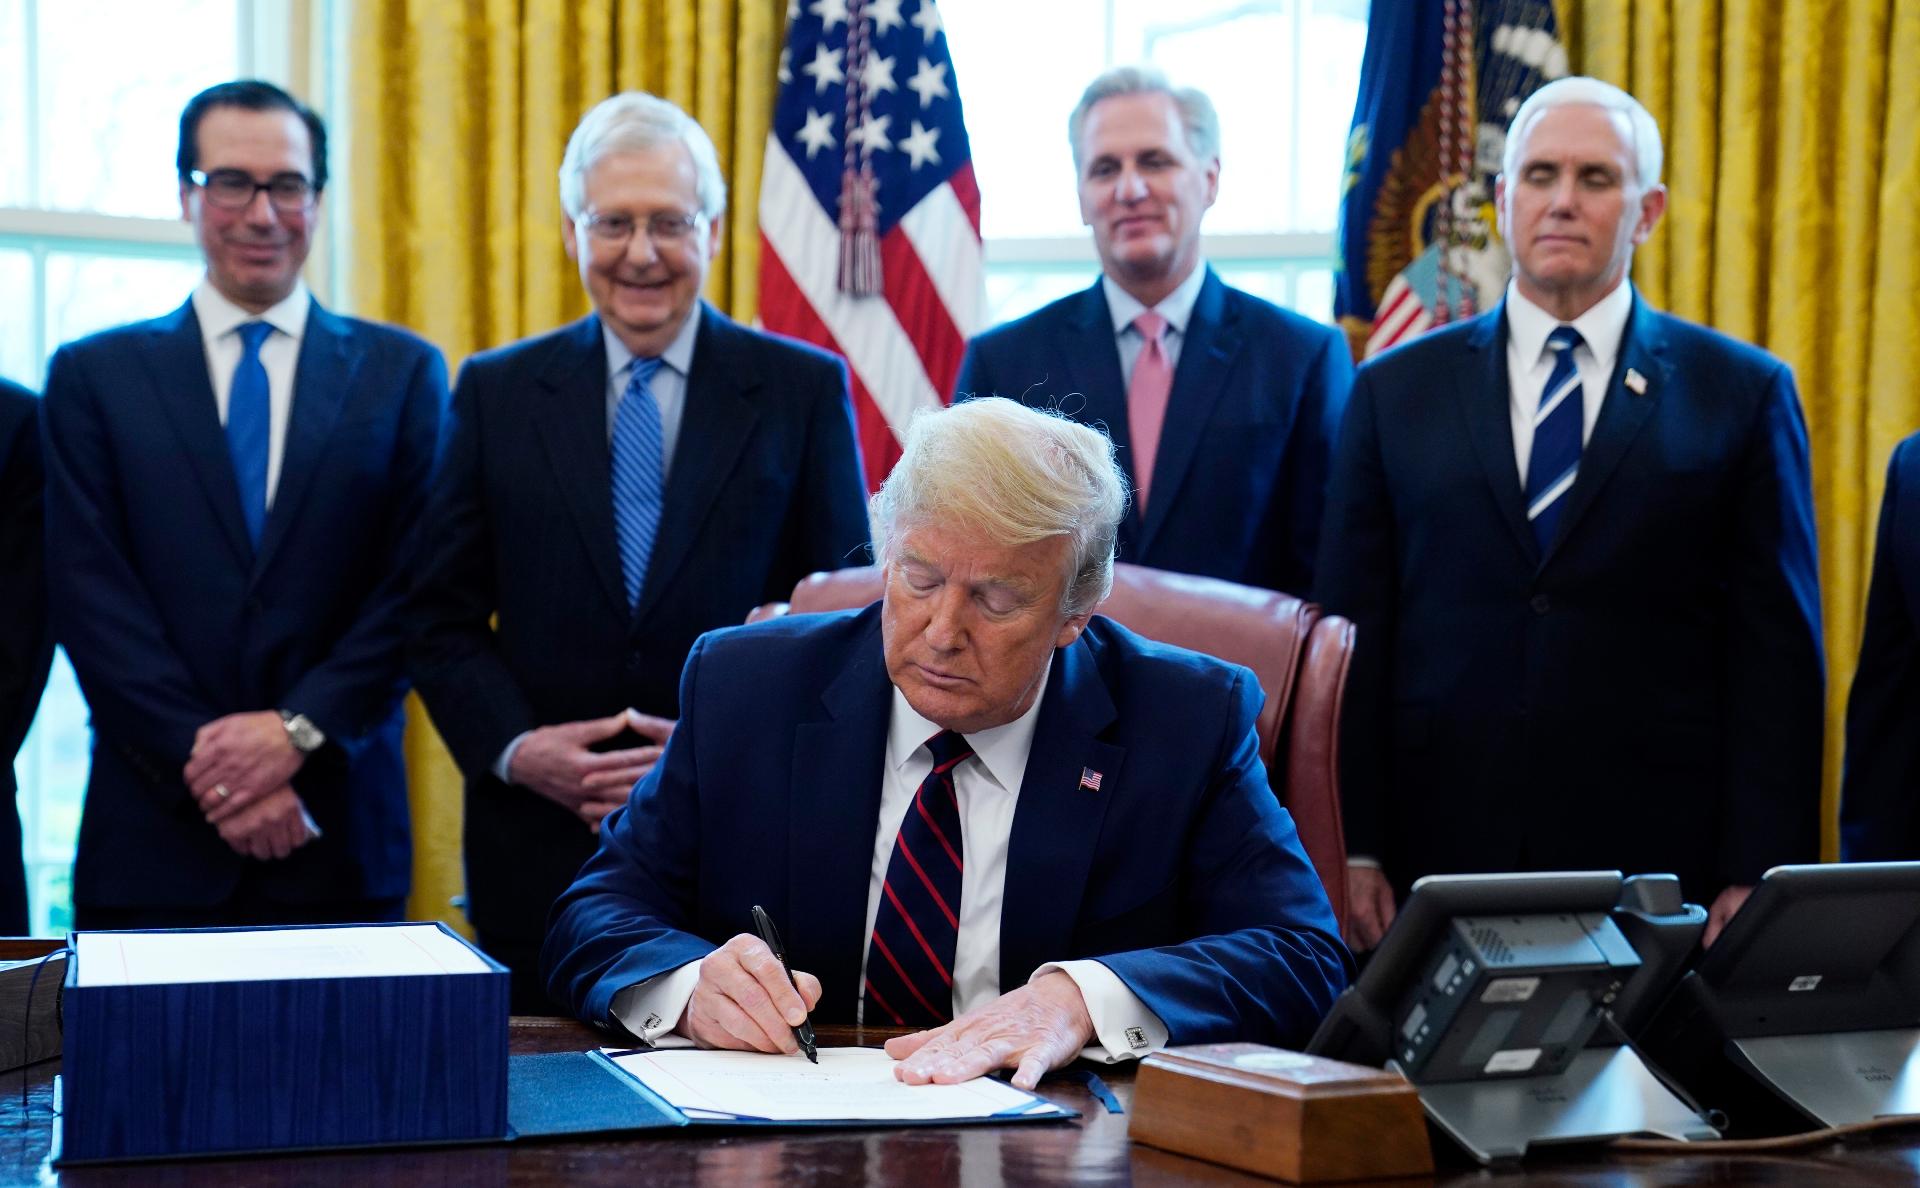 Трамп подписал закон о выделении $2 трлн на помощь экономике из-за вируса